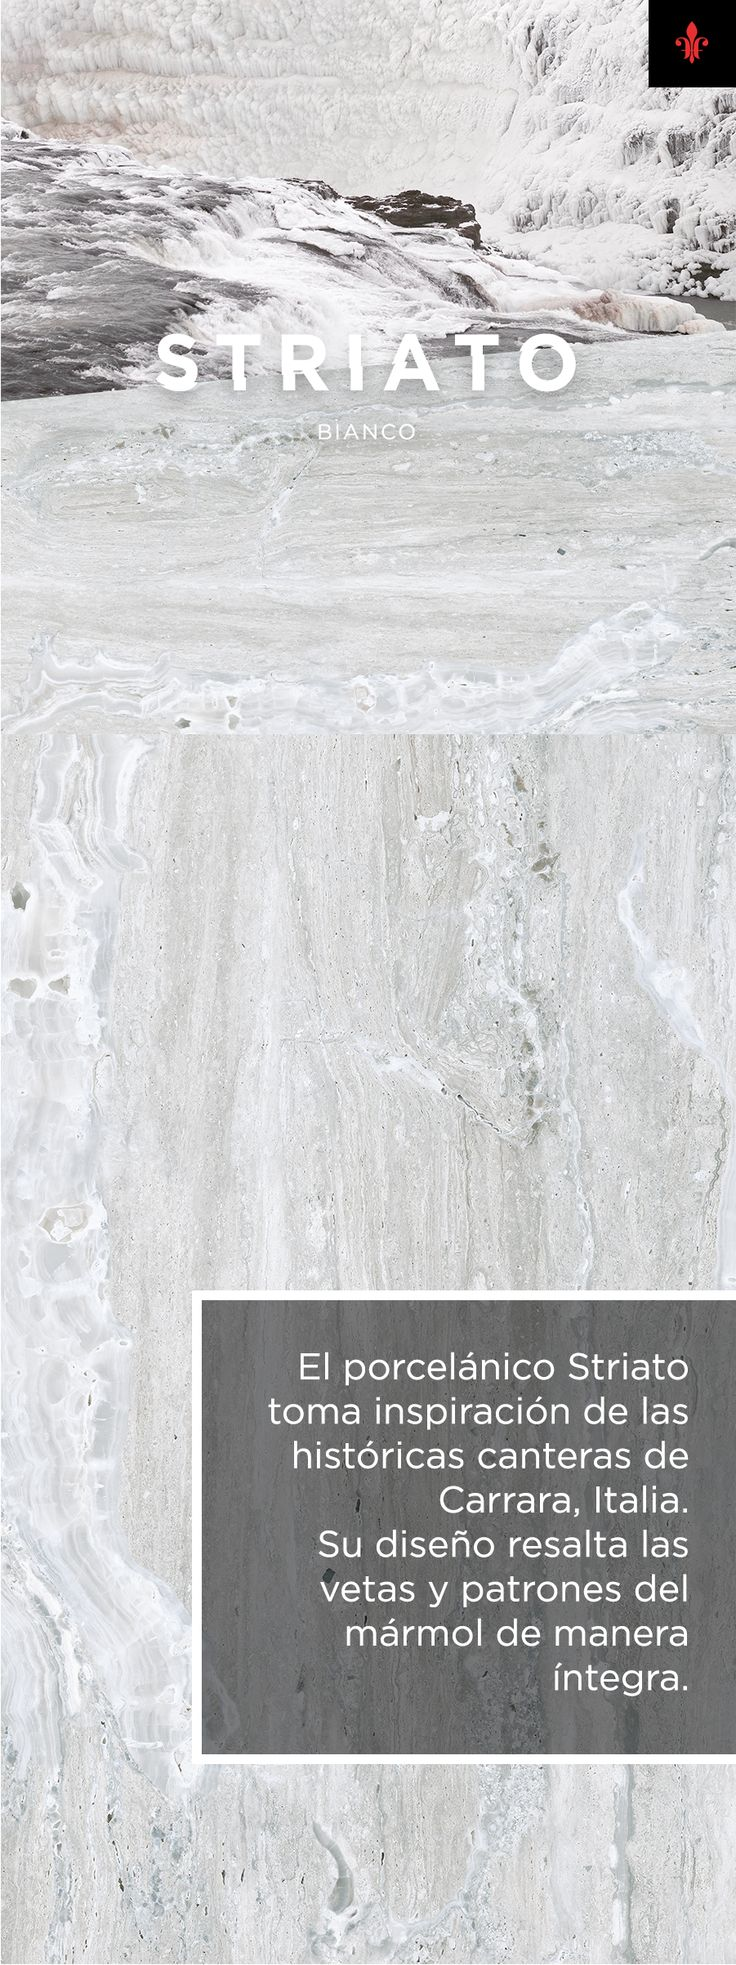 El porcelánico Striato toma inspiración de las históricas canteras de Carrara, Italia. Su diseño resalta las venas y patrones del mármol de manera íntegra.